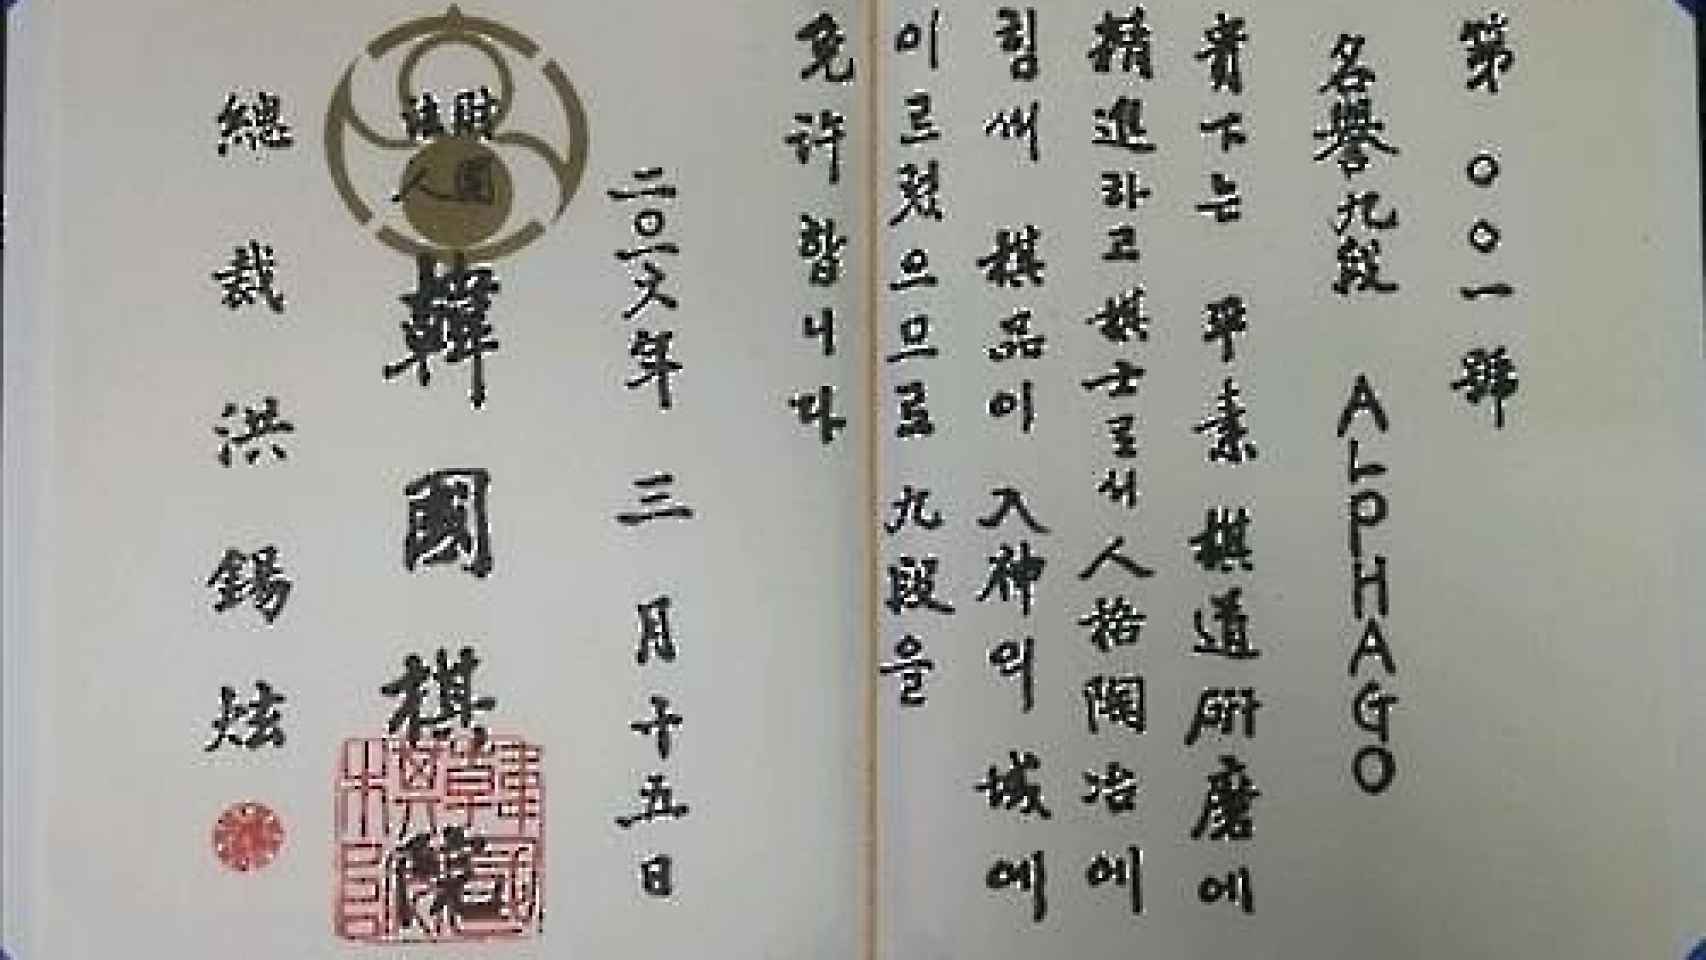 Imagen del certificado con los honores concedidos a AlphaGo